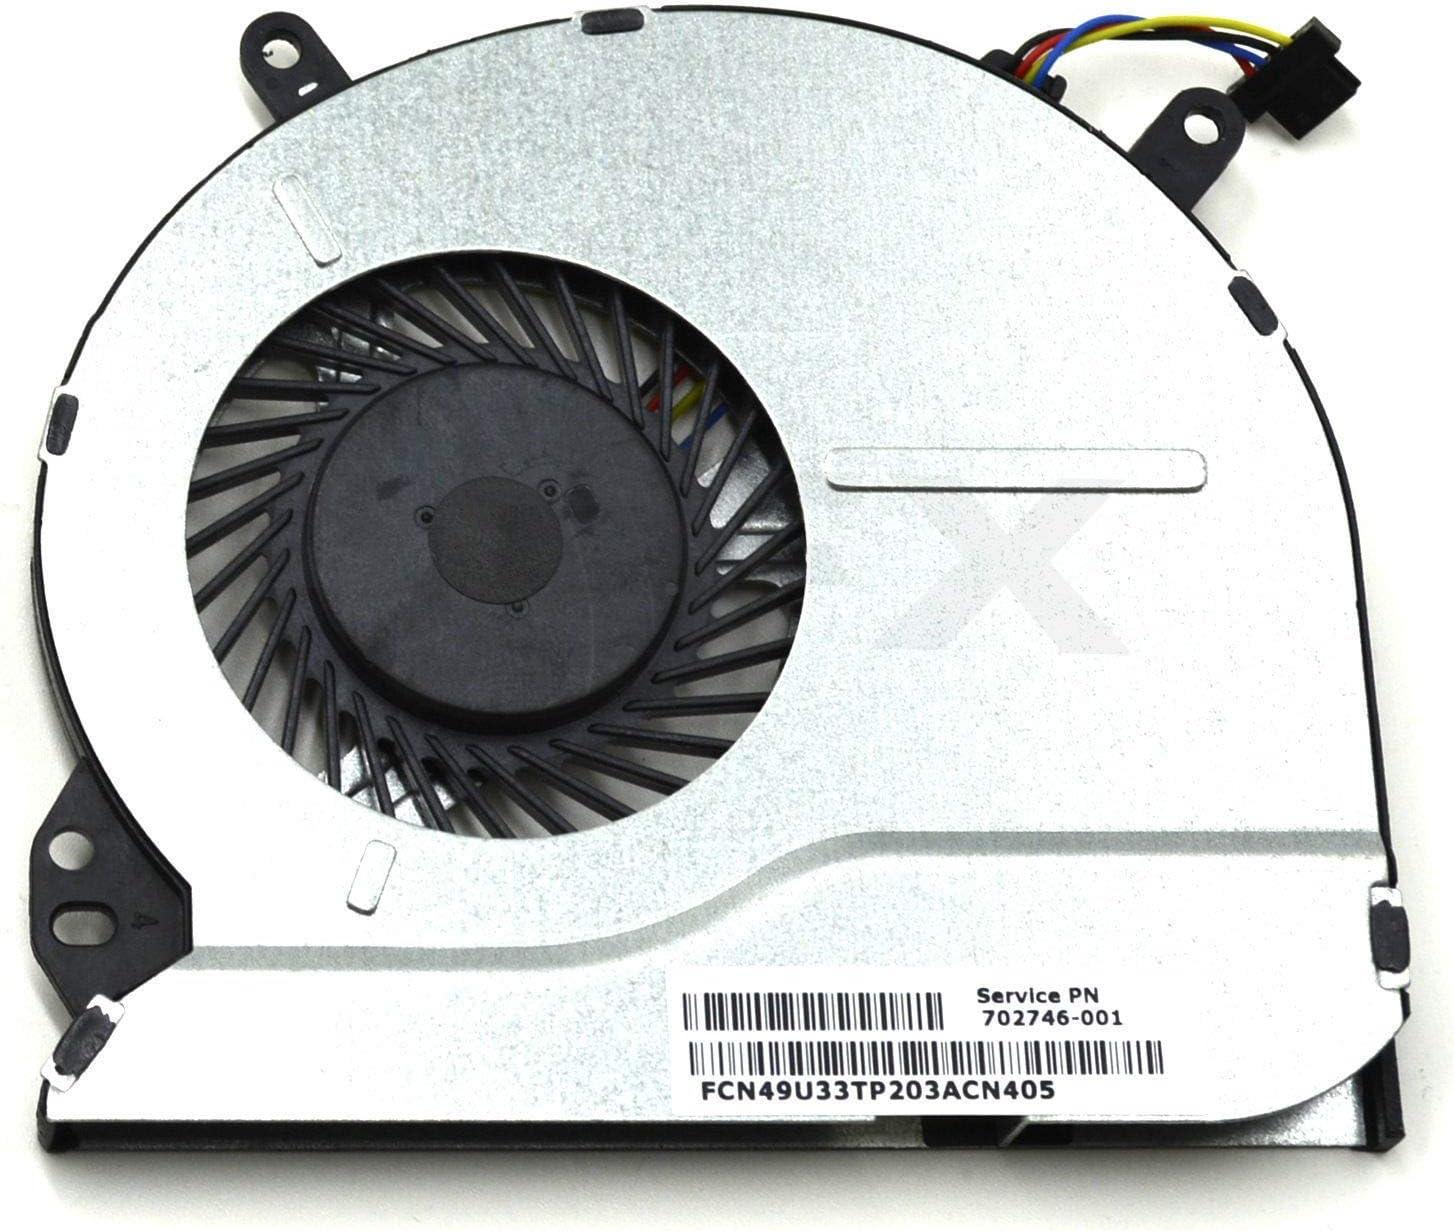 Cooler para HP 697914-001 702745-001 702746-001 702747-001